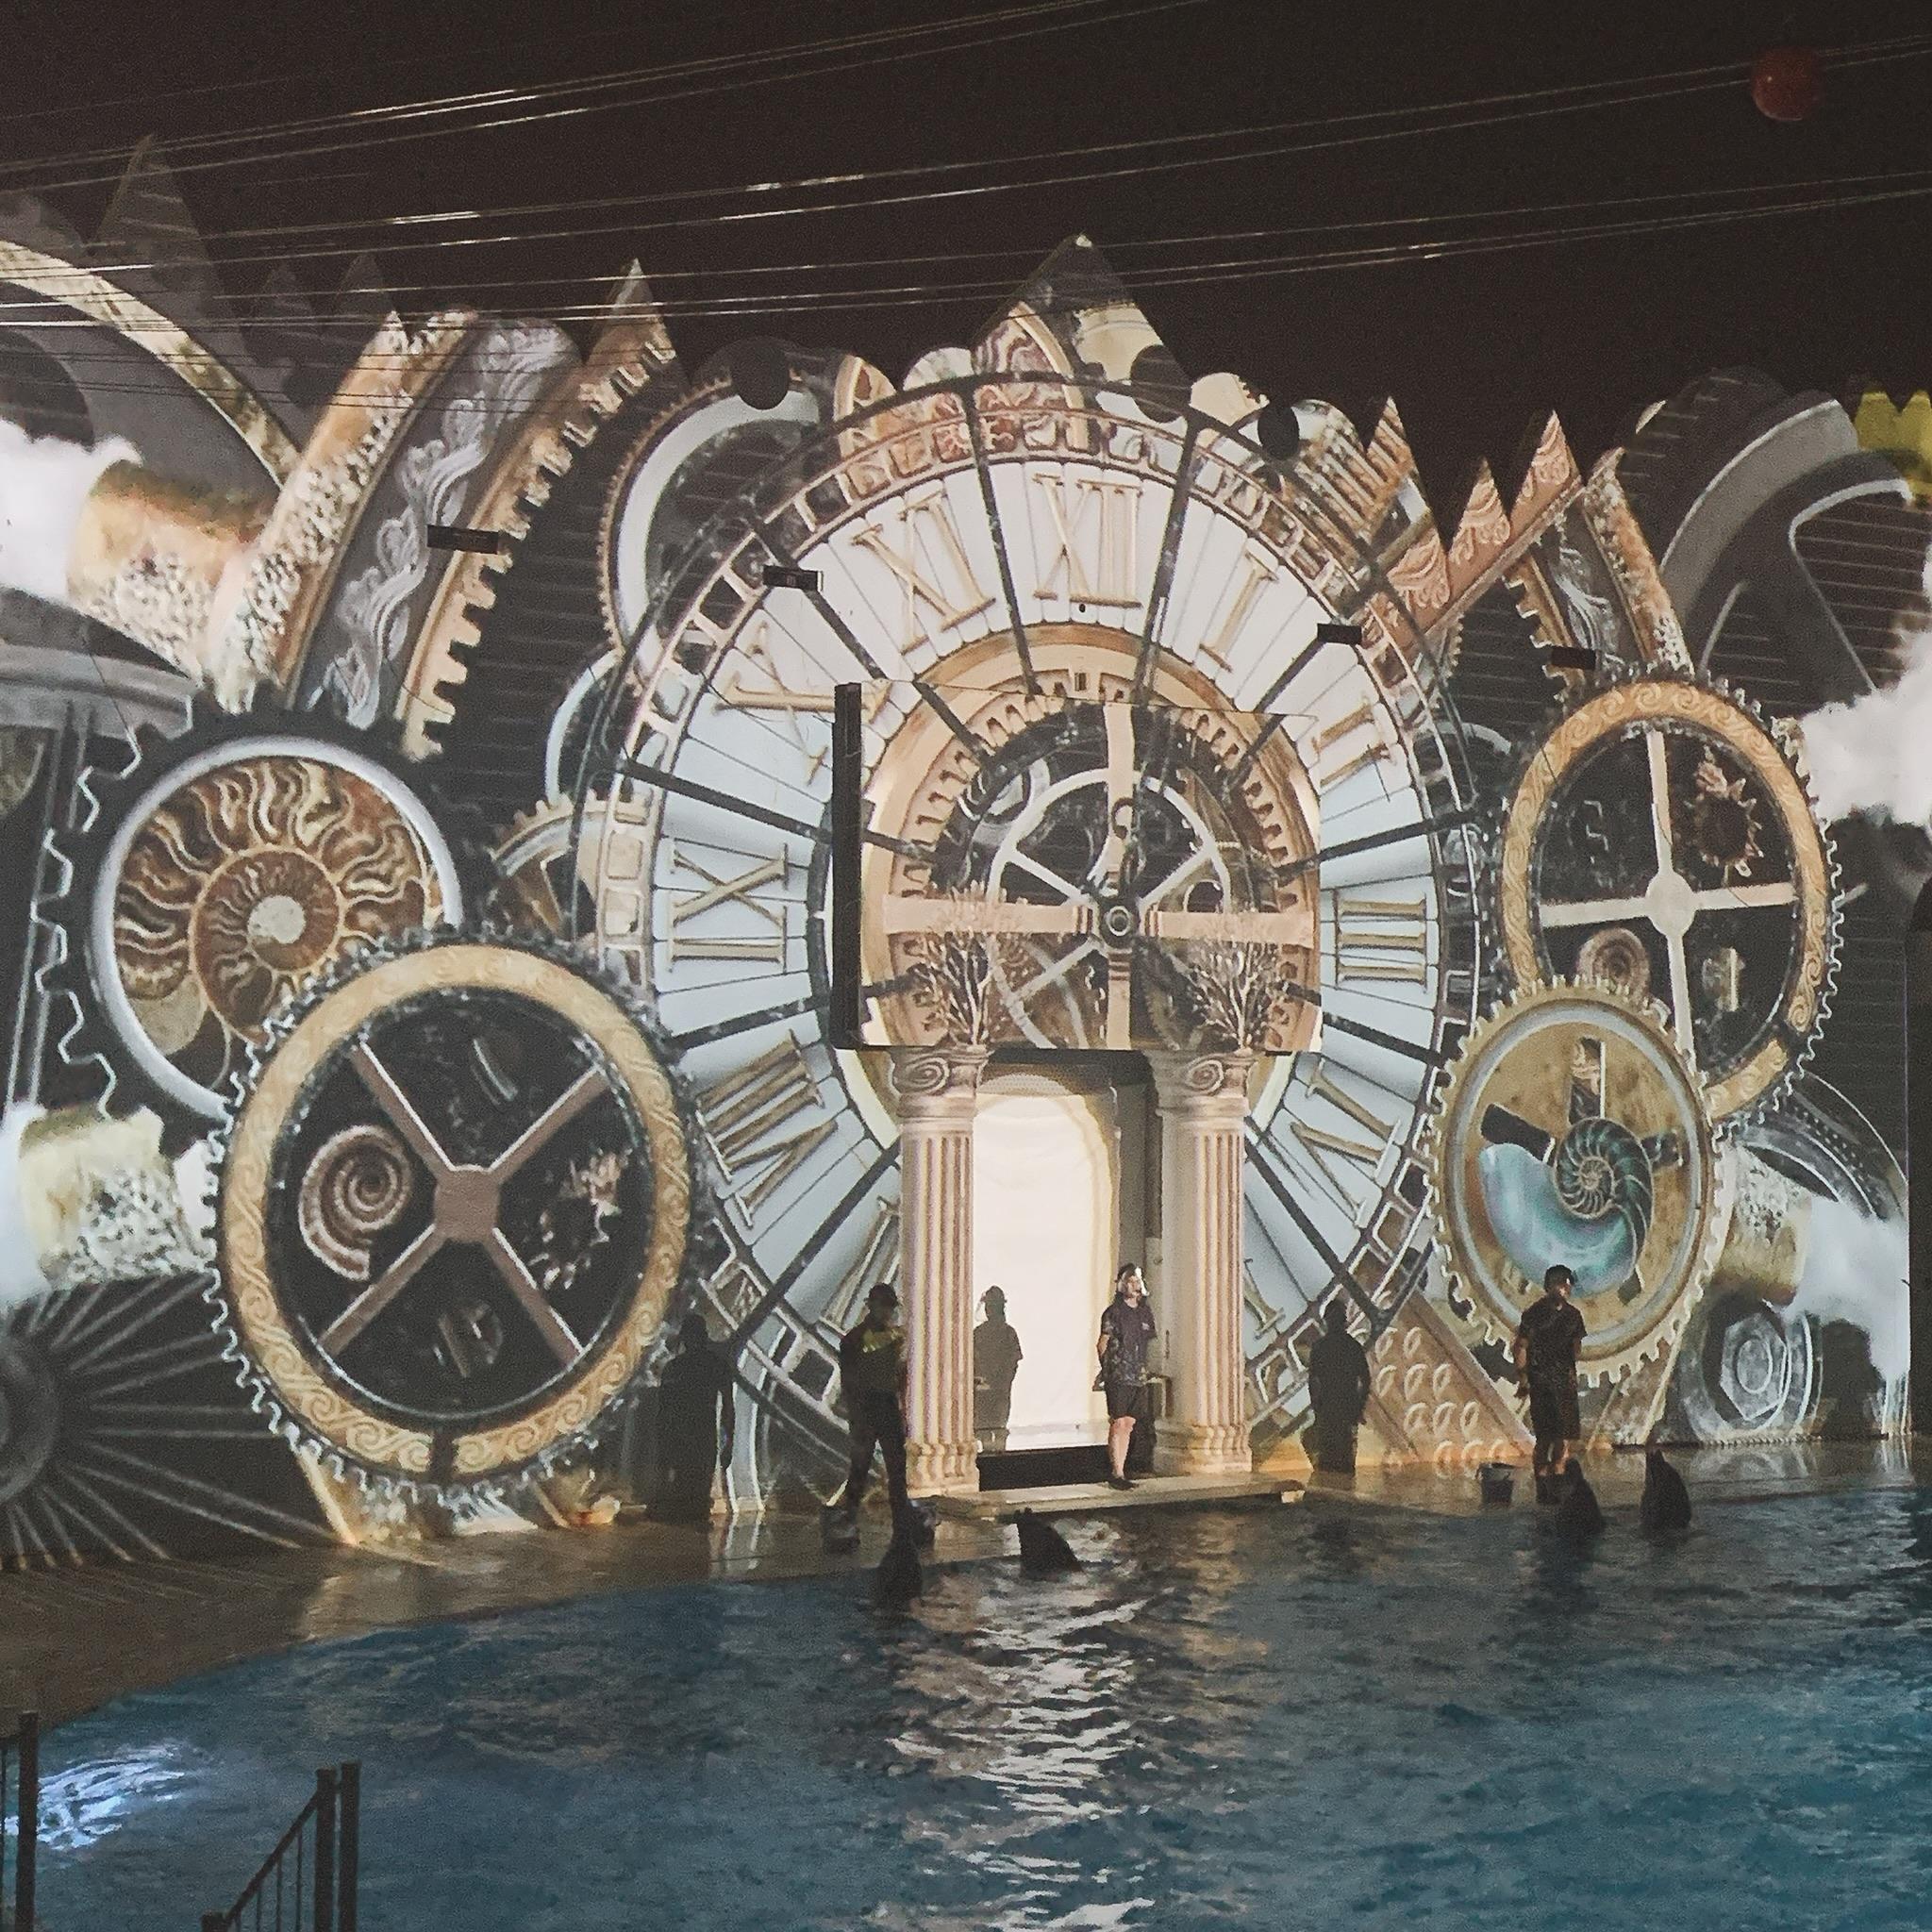 【神戸・須磨】夜の水族館!夏季限定ナイトイルカショーがやっている『須磨海浜水族園』へいってきました【8/30まで】_2